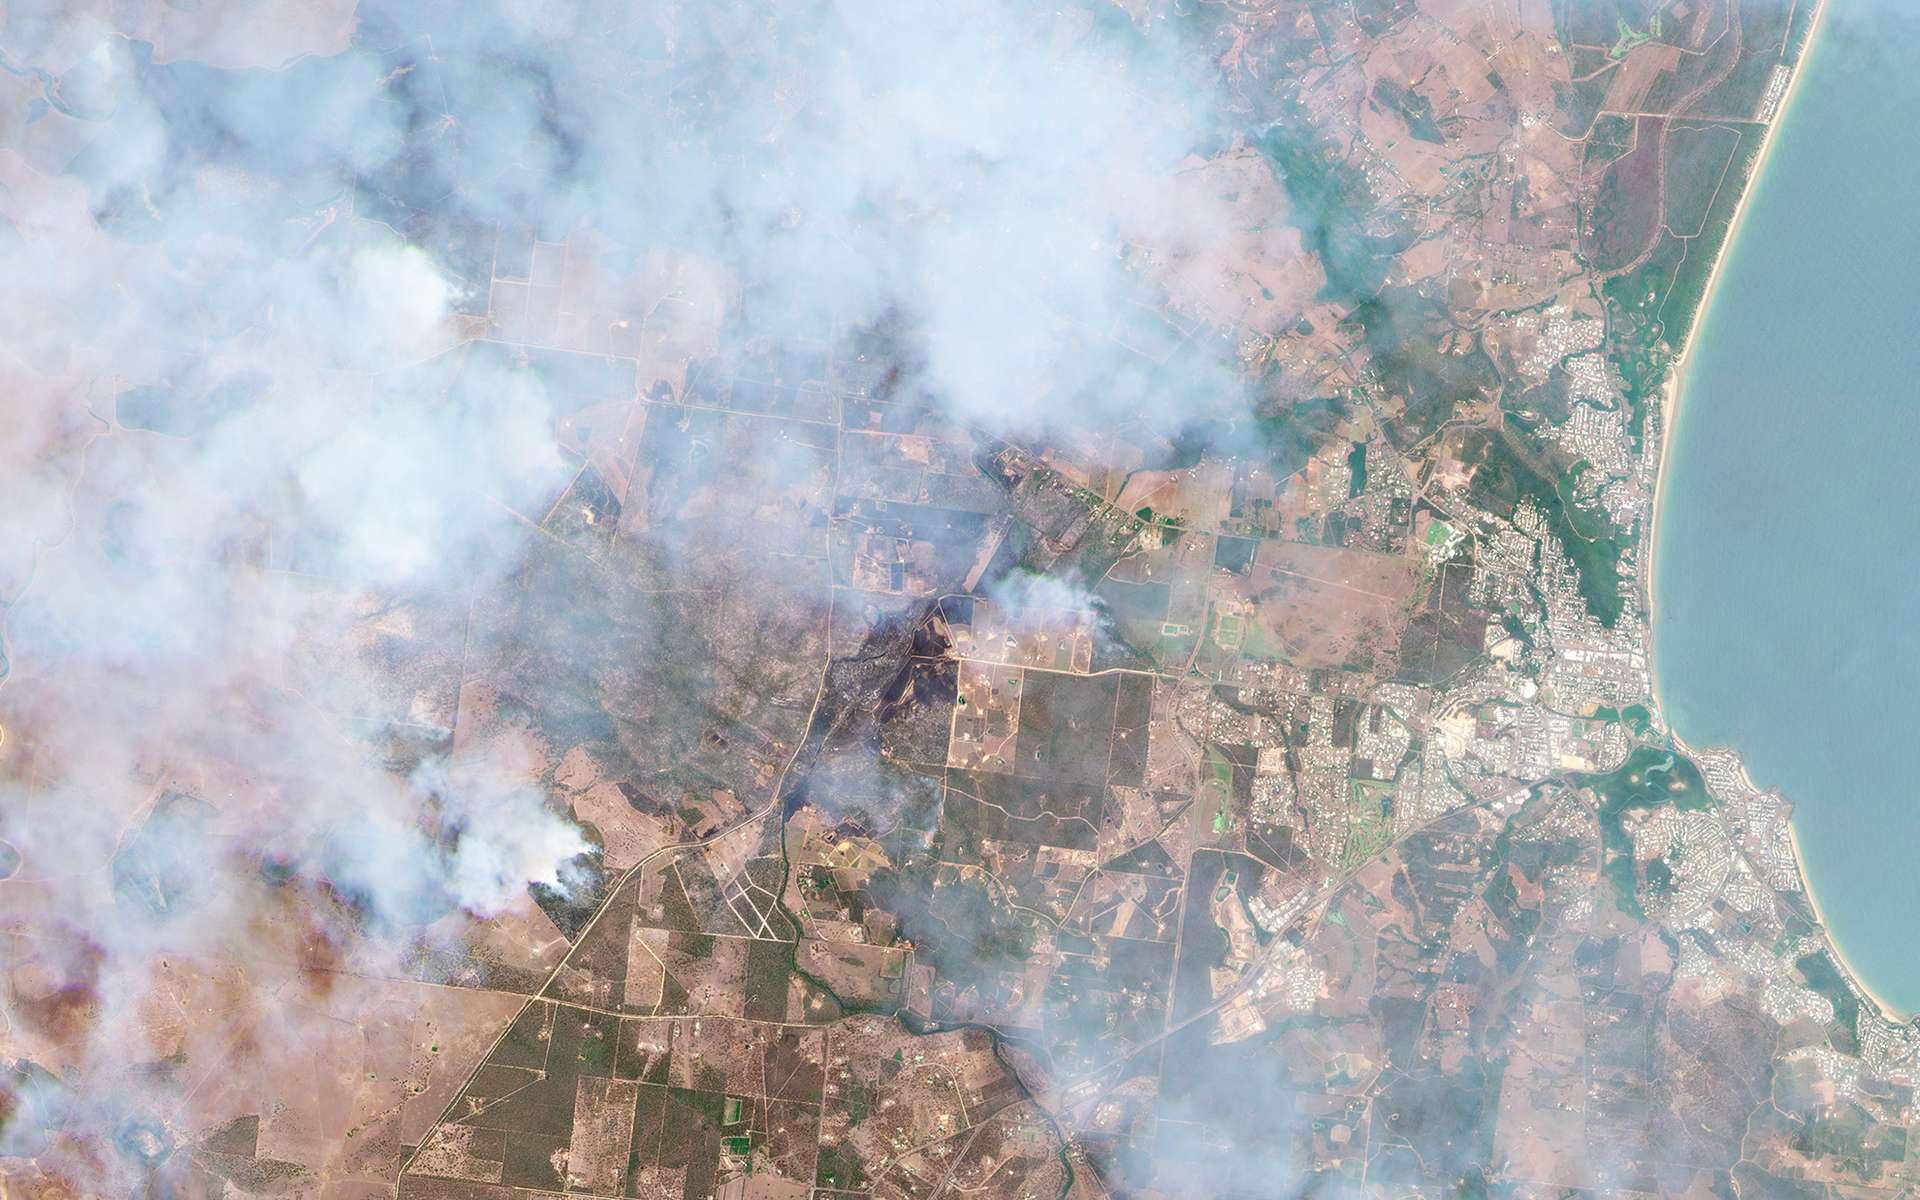 Feux de brousse en Australie. Entre le 9 et le 13 novembre, les feux de brousse en Australie ont détruit plus de 22.800 hectares. © 2019 Planet Labs, Inc.